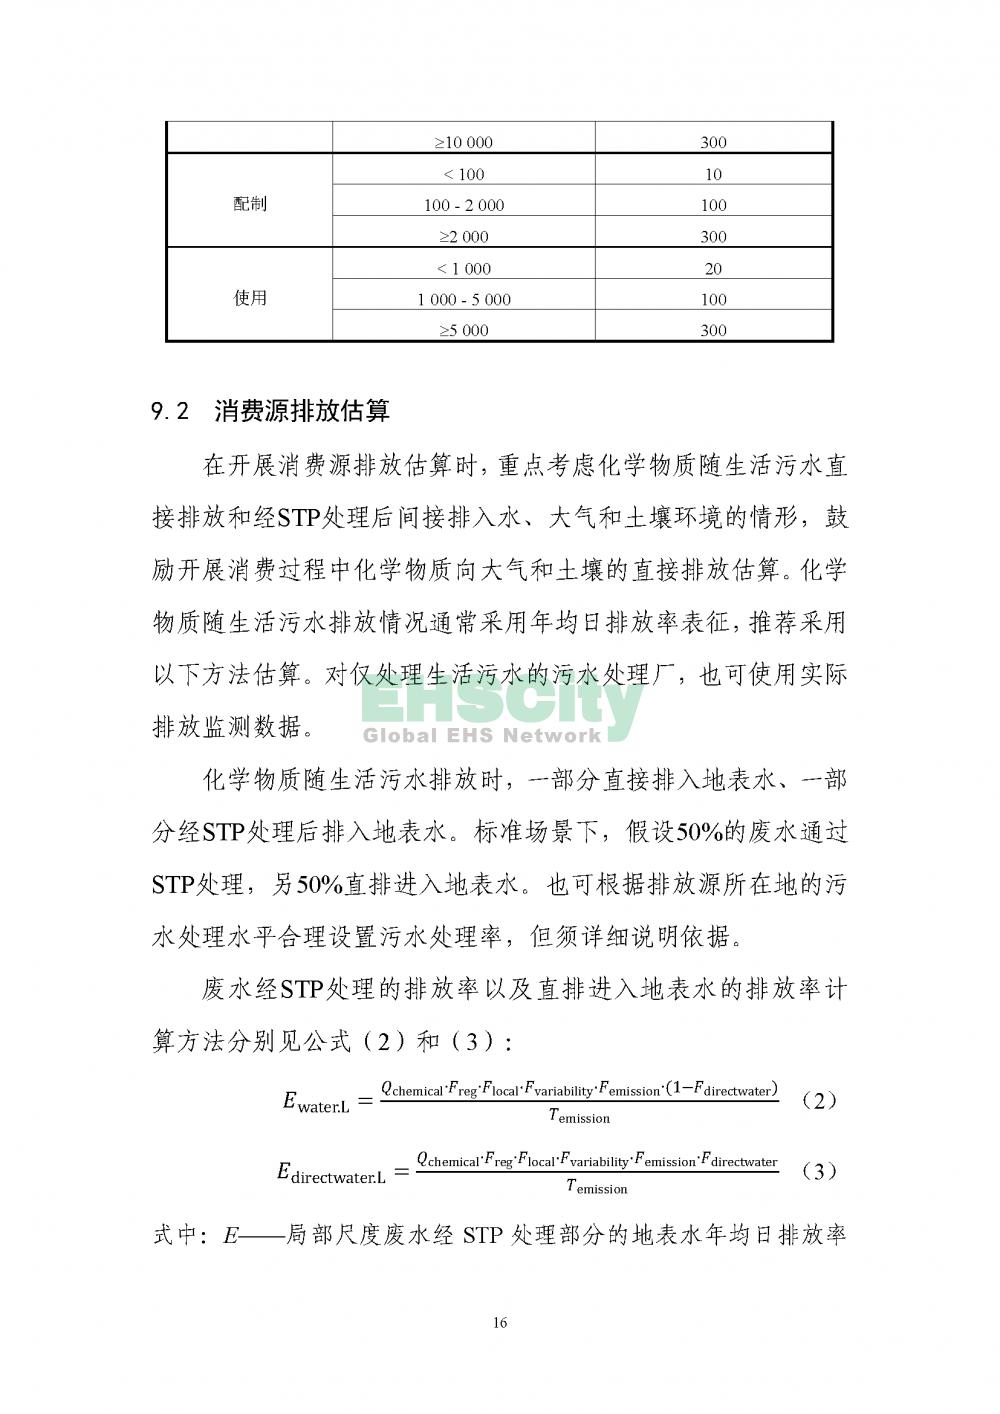 2化学物质环境与健康暴露评估技术导则_页面_18